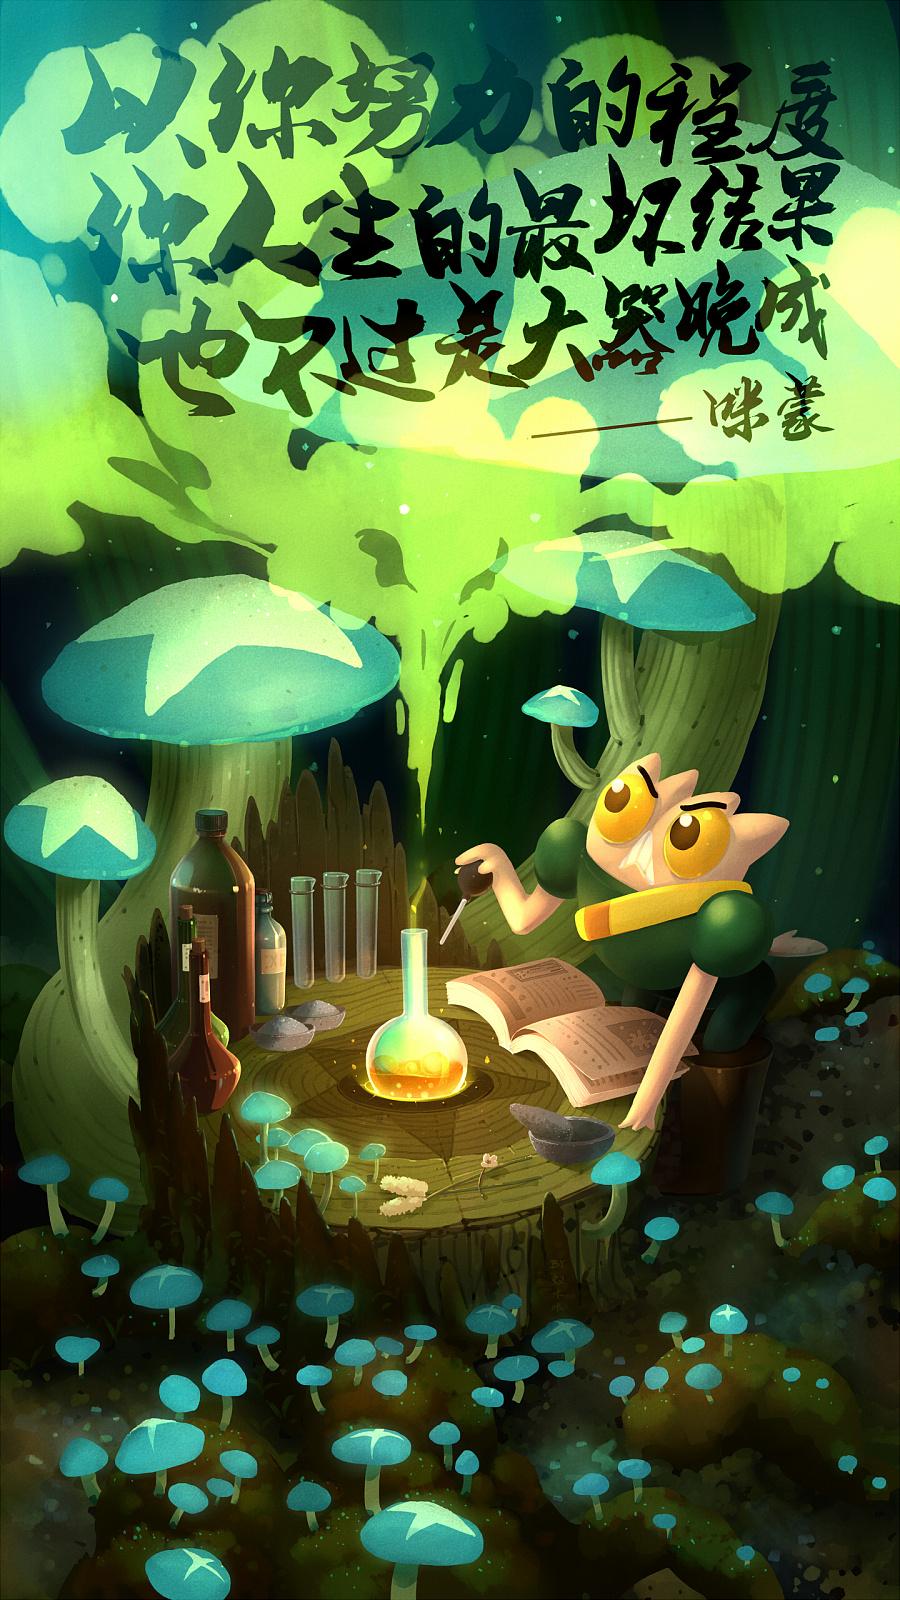 查看《饱受争议国产系列动画《幸运派传说》第三集》原图,原图尺寸:1440x2560